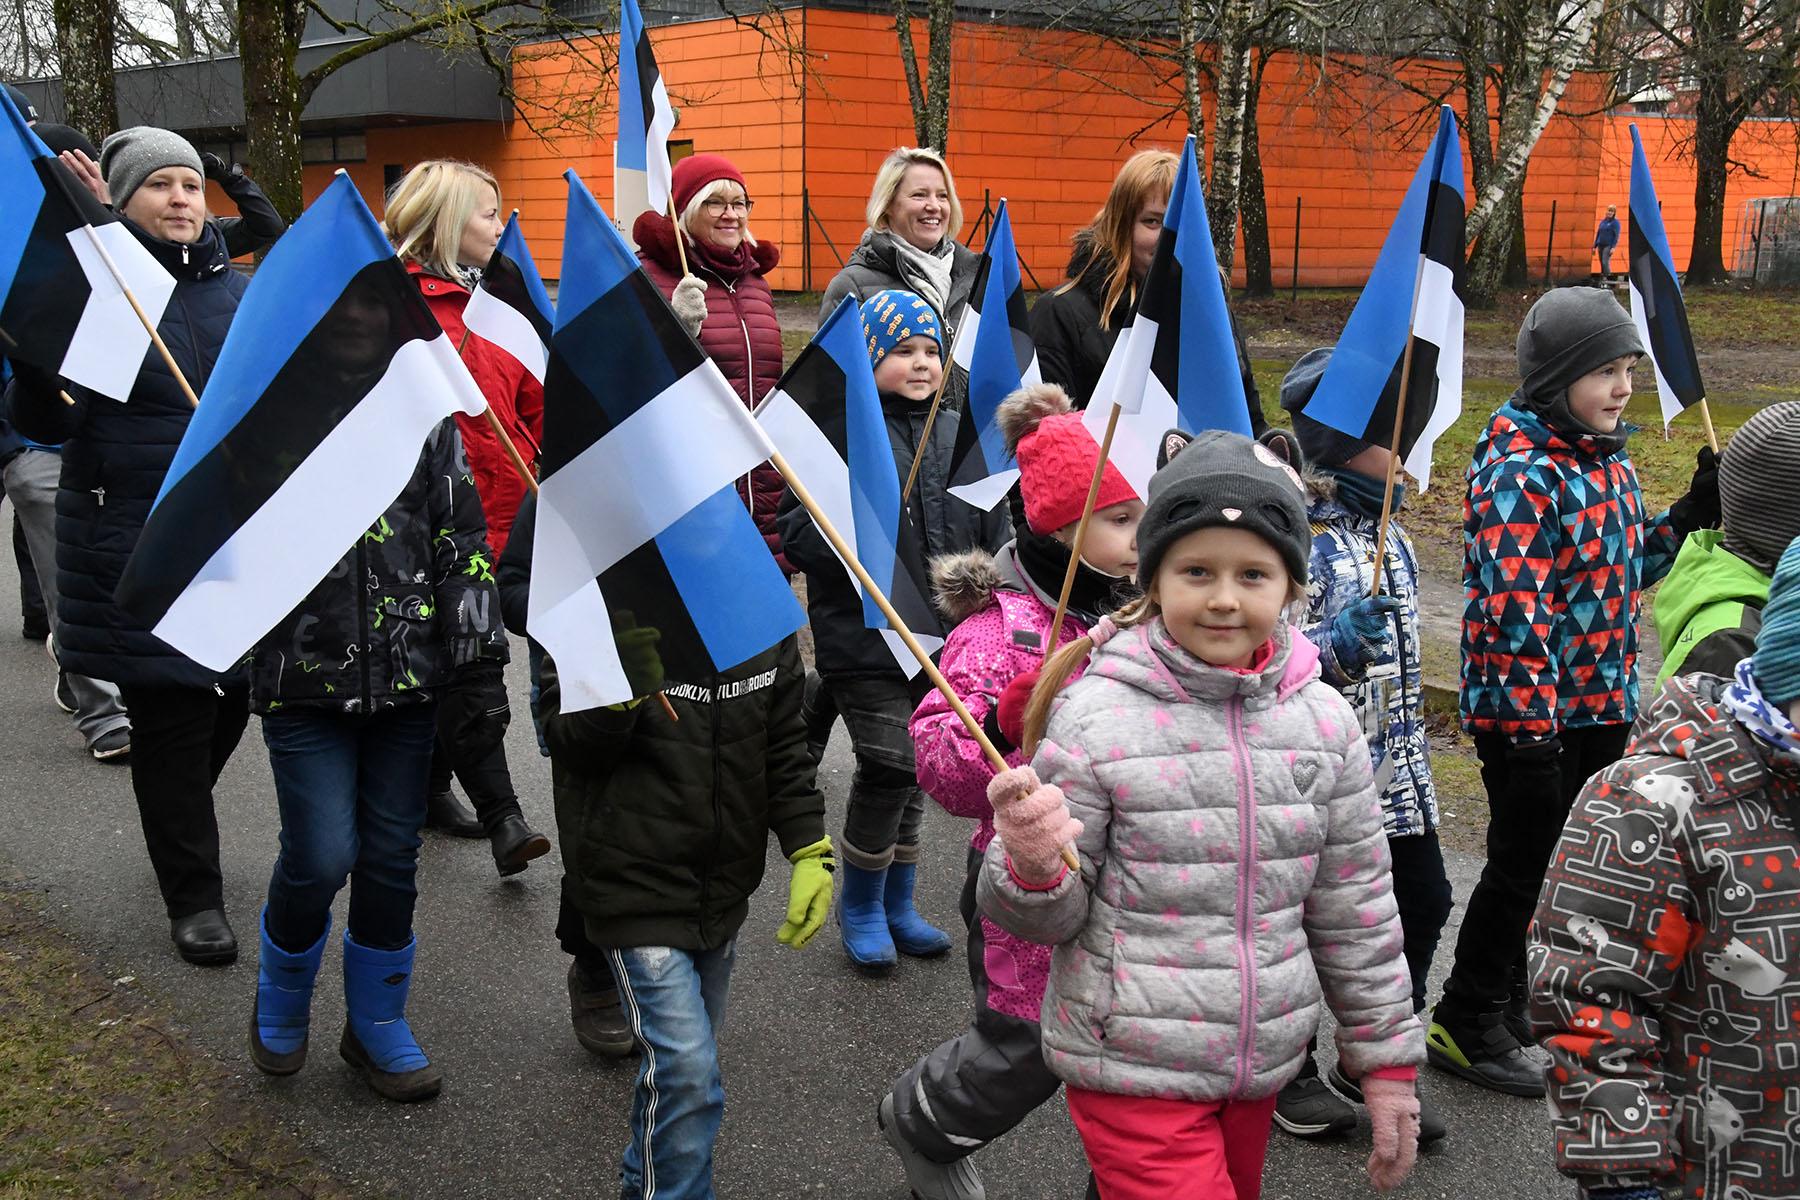 Sindi lasteaed on jõudnud lippudega jalutades Kooli tänavale. Foto Urmas Saard